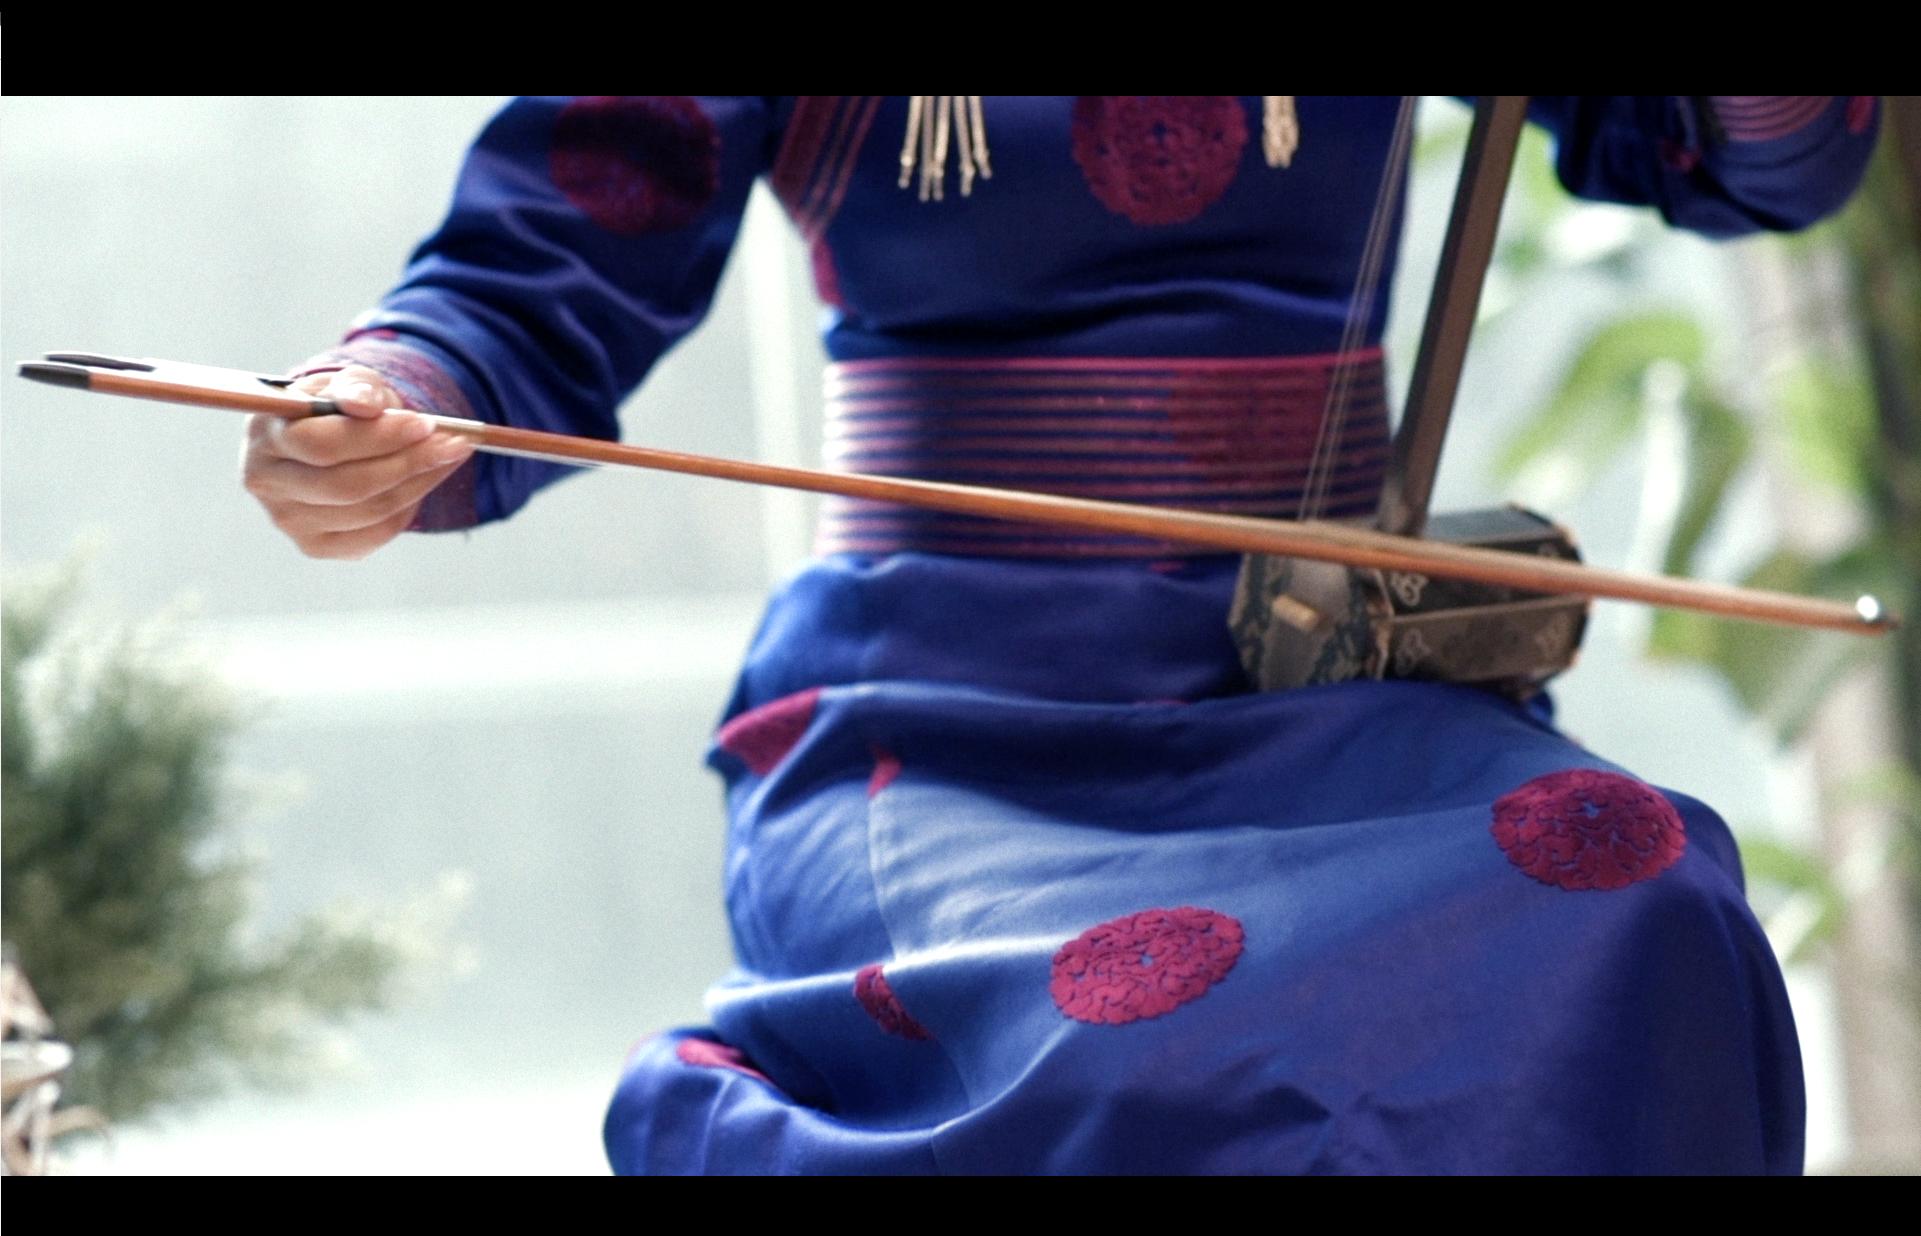 2016.06.11 - Beijing - Suya - [1] Uyunzandan - Video Screenshot_16.png